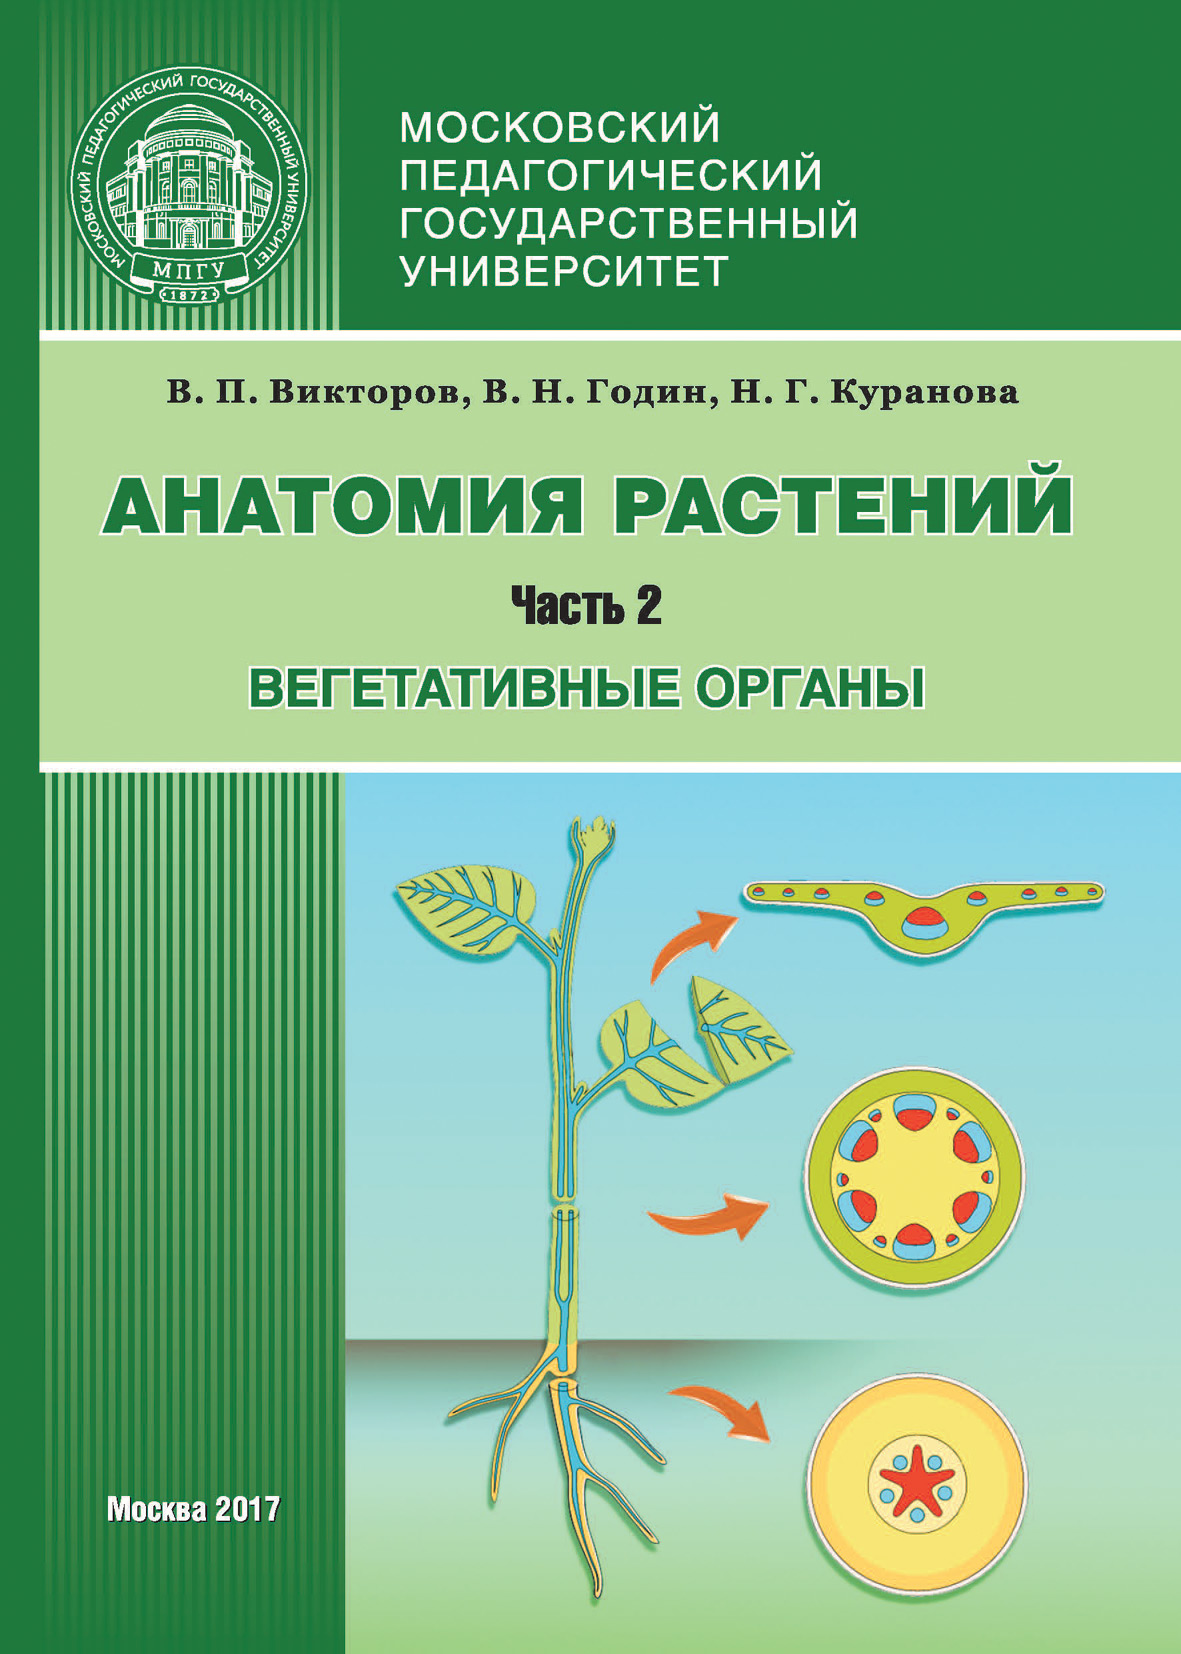 В. П. Викторов Анатомия растений. Часть 2. Вегетативные органы discovery анатомия секса